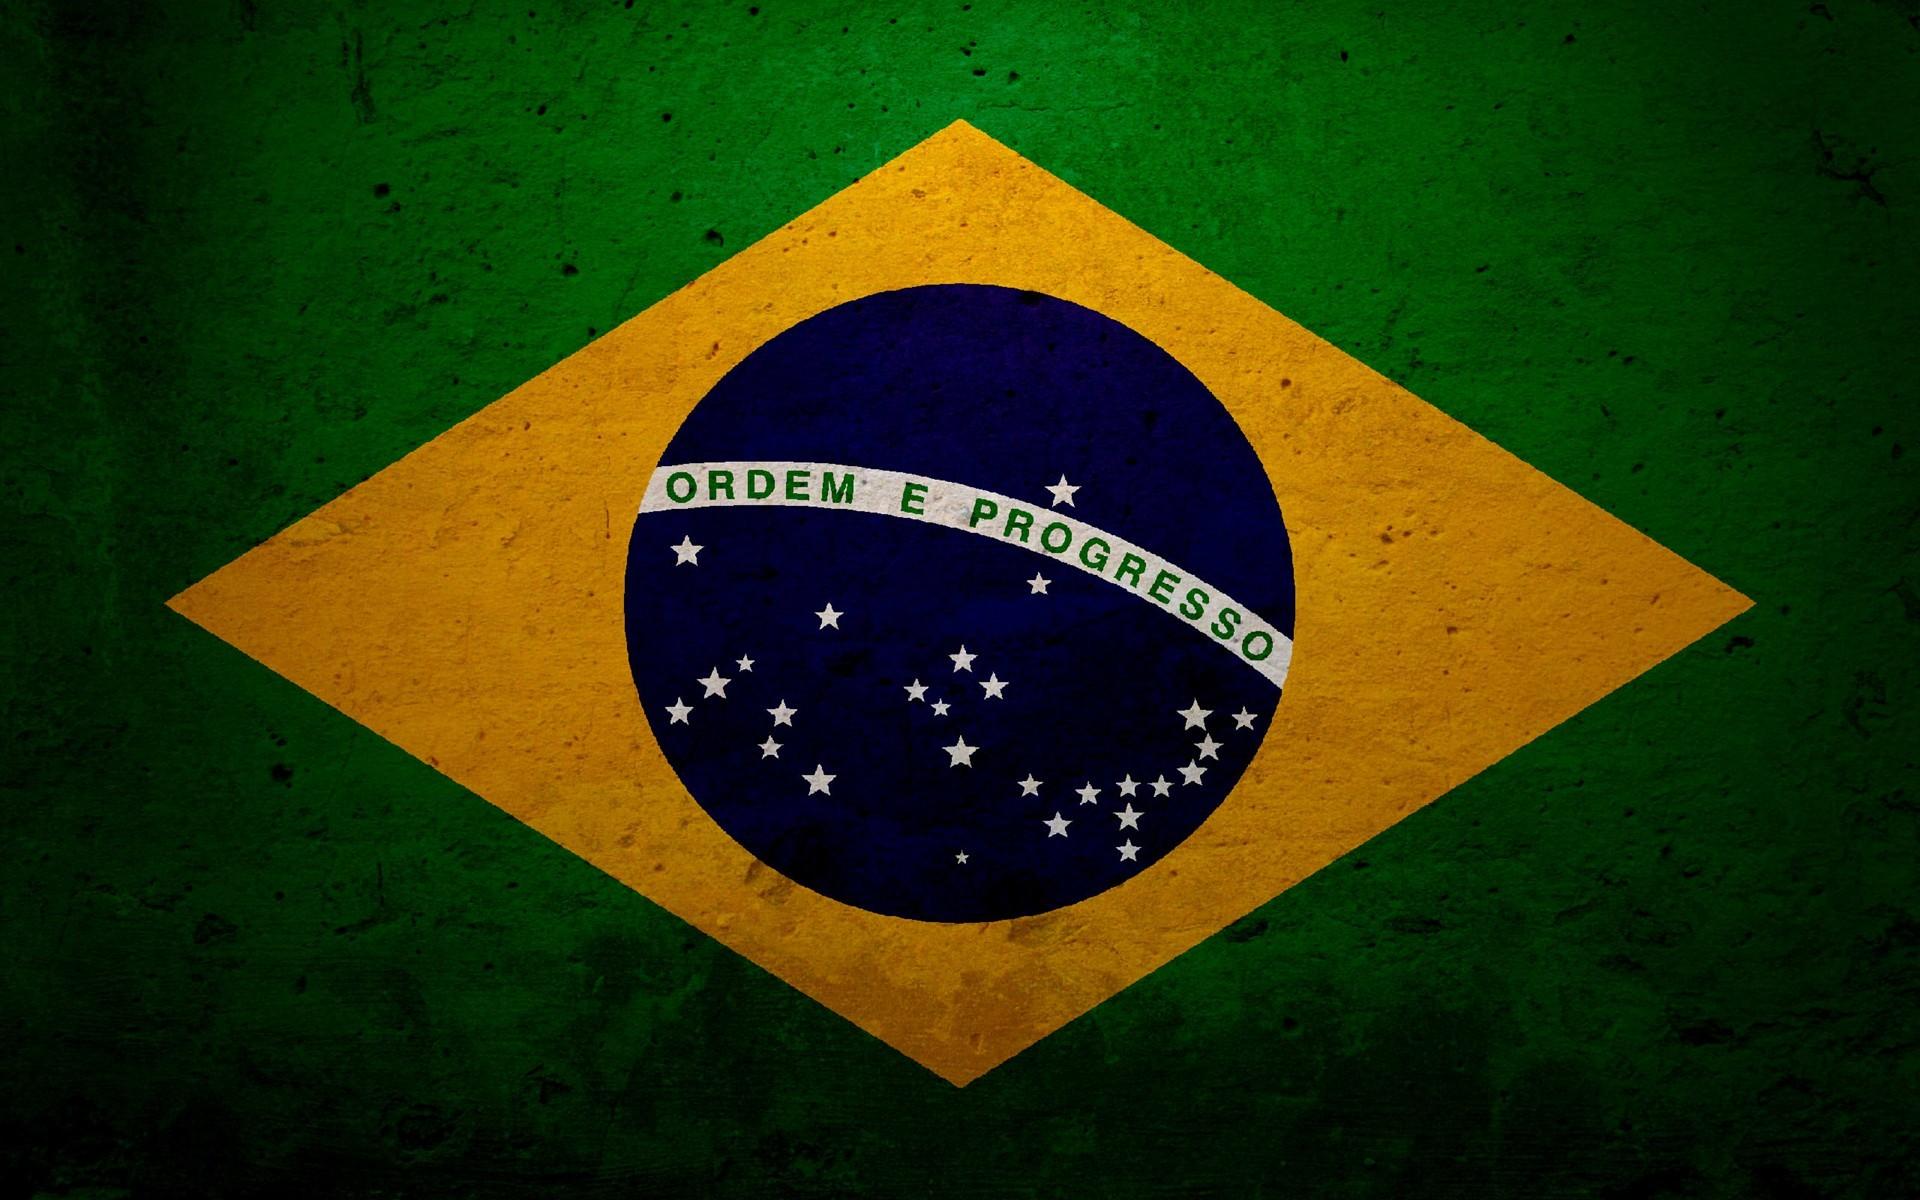 всего они флаг бразилии фото обои создает особенную